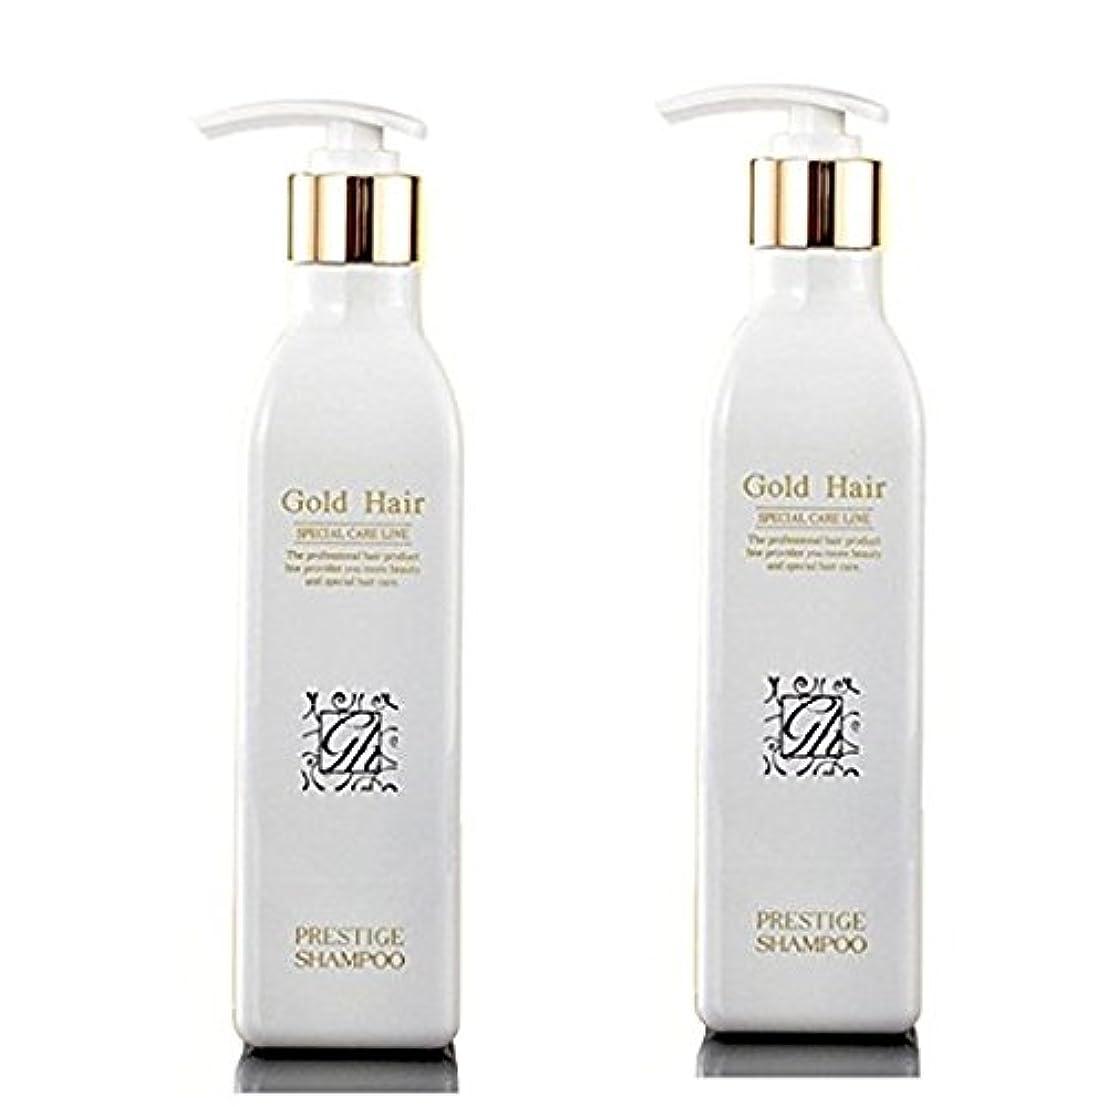 わざわざクレア証明ゴールドヘア 育毛ケア シャンプー 漢方 シャンプー 抜け毛ケア ヘアケアシャンプー2本/Herbal Hair Loss Fast Regrowth Gold Hair Loss Shampoo[海外直送品] (2本セット/2ea) [並行輸入品]